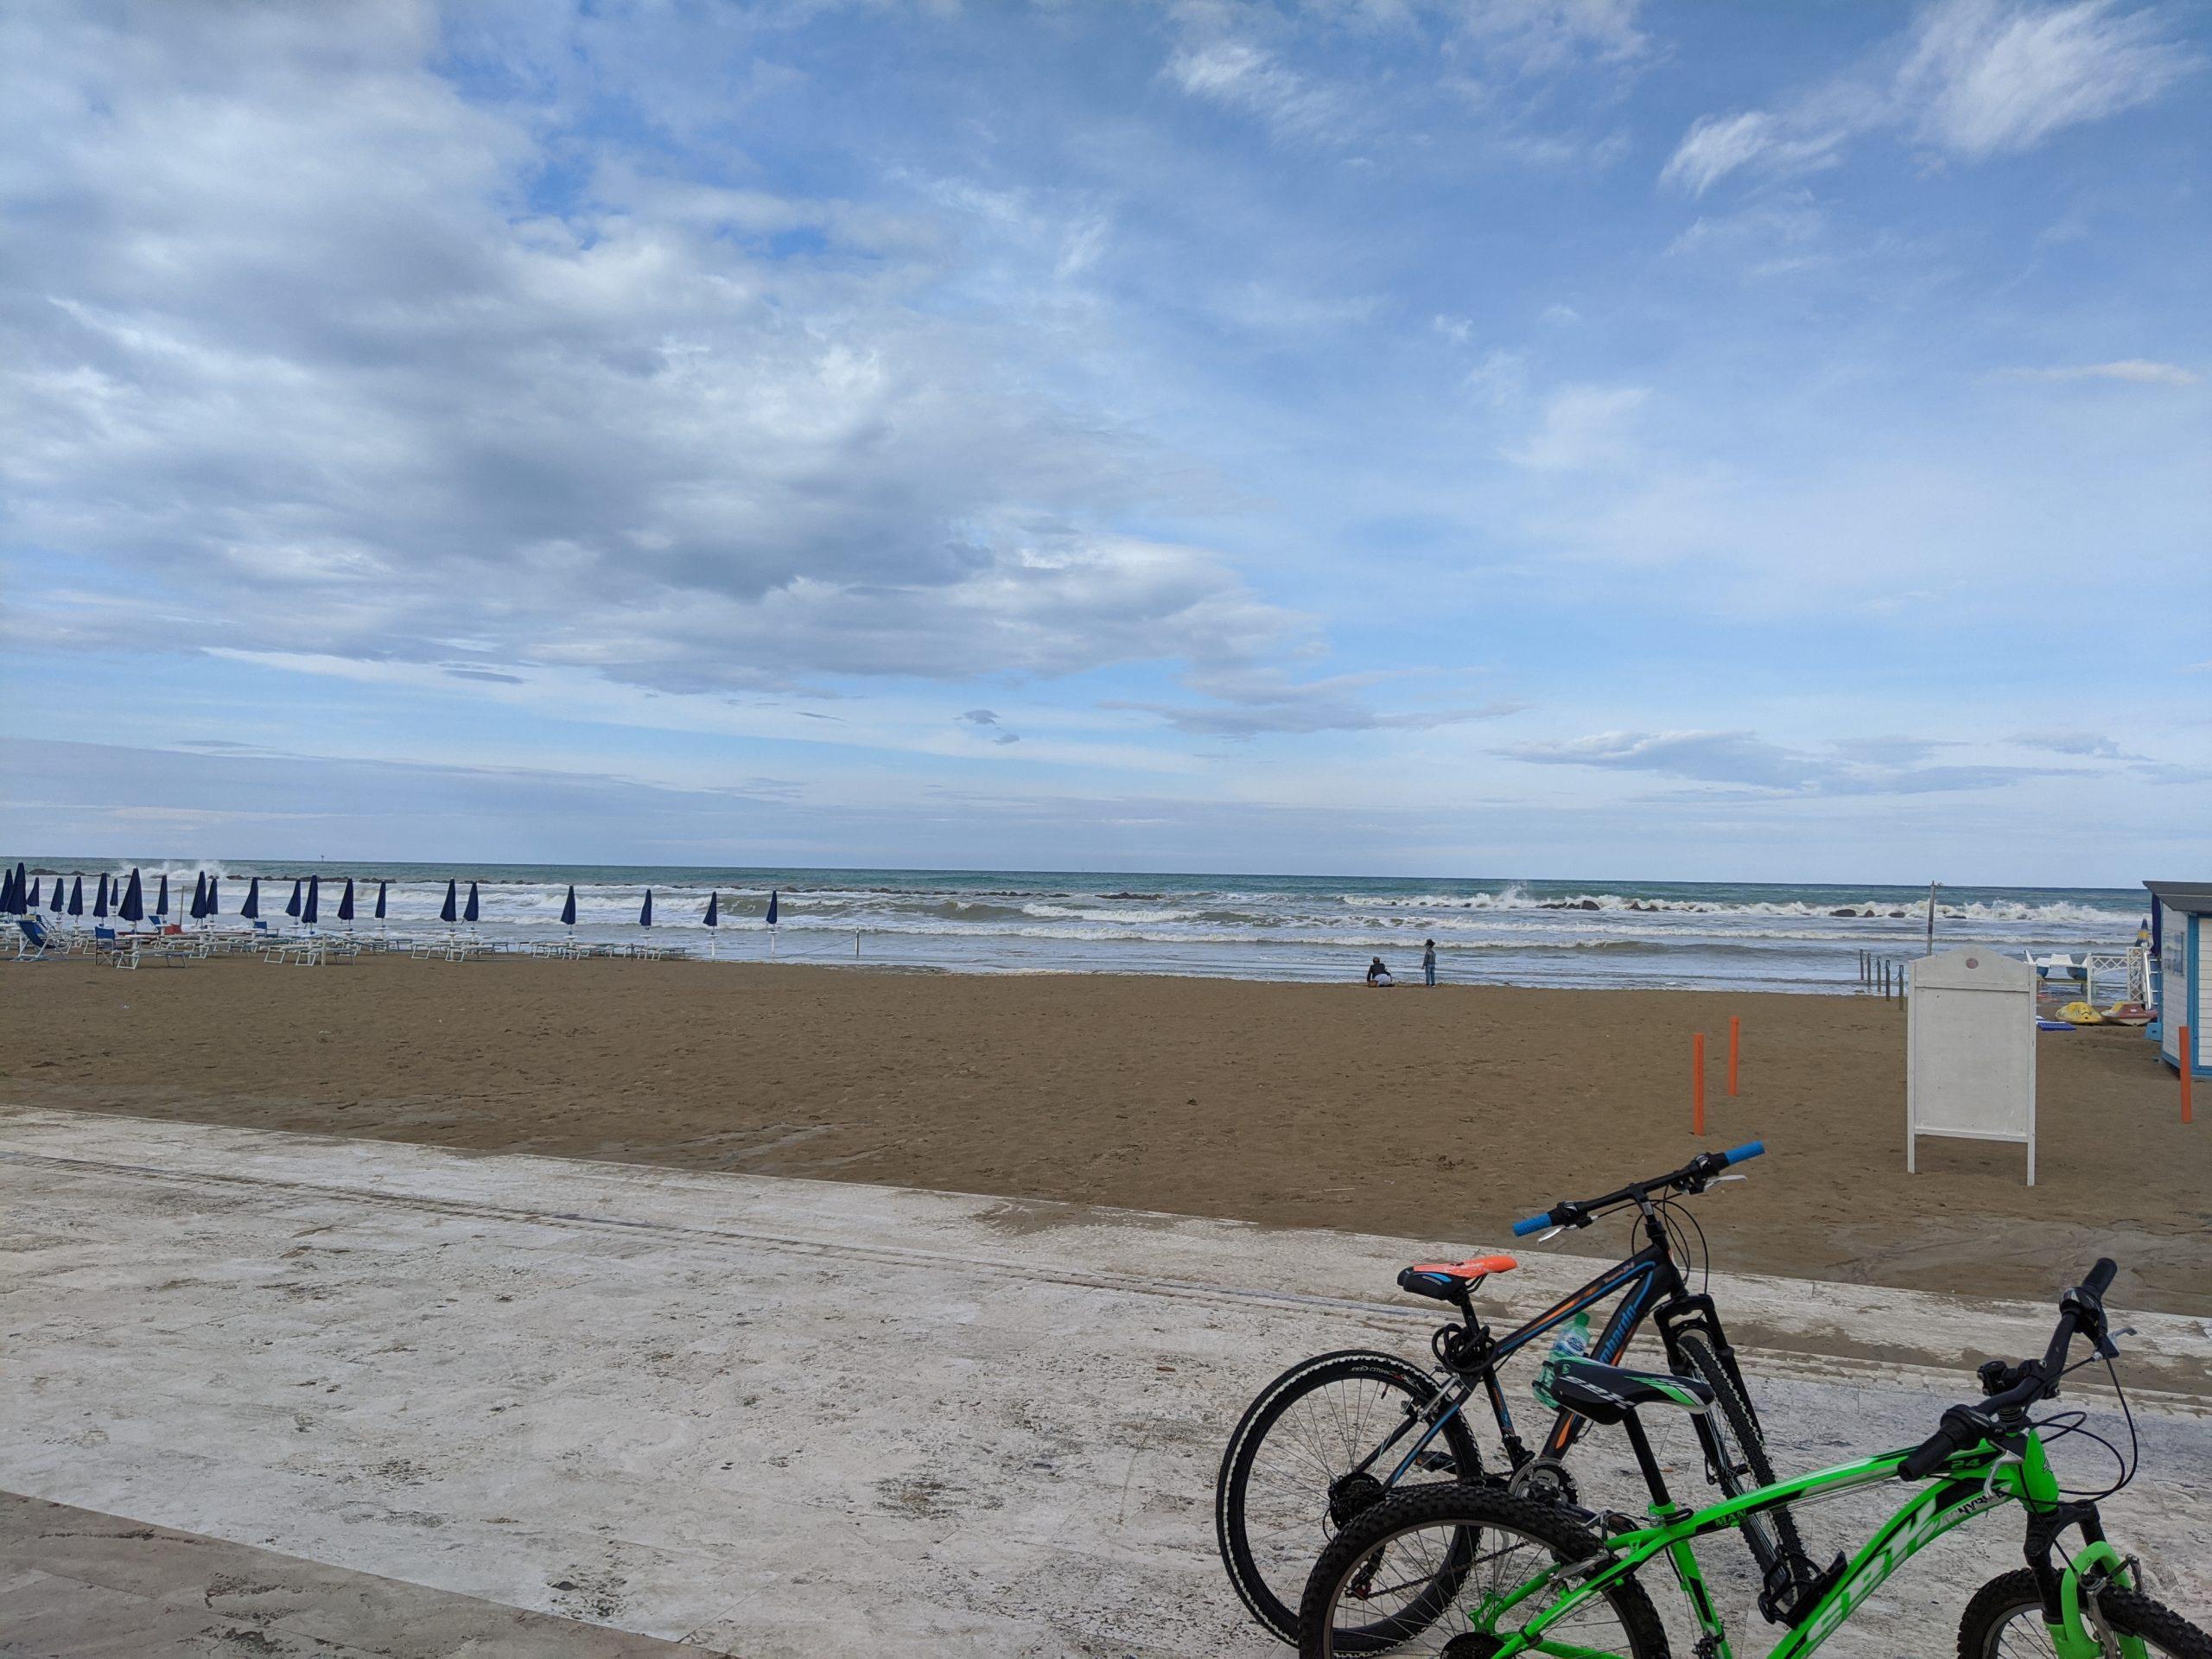 Gute Kombination: erst Strandspaziergang, dann Radtour zum nächsten Eis-Stand als Belohnung